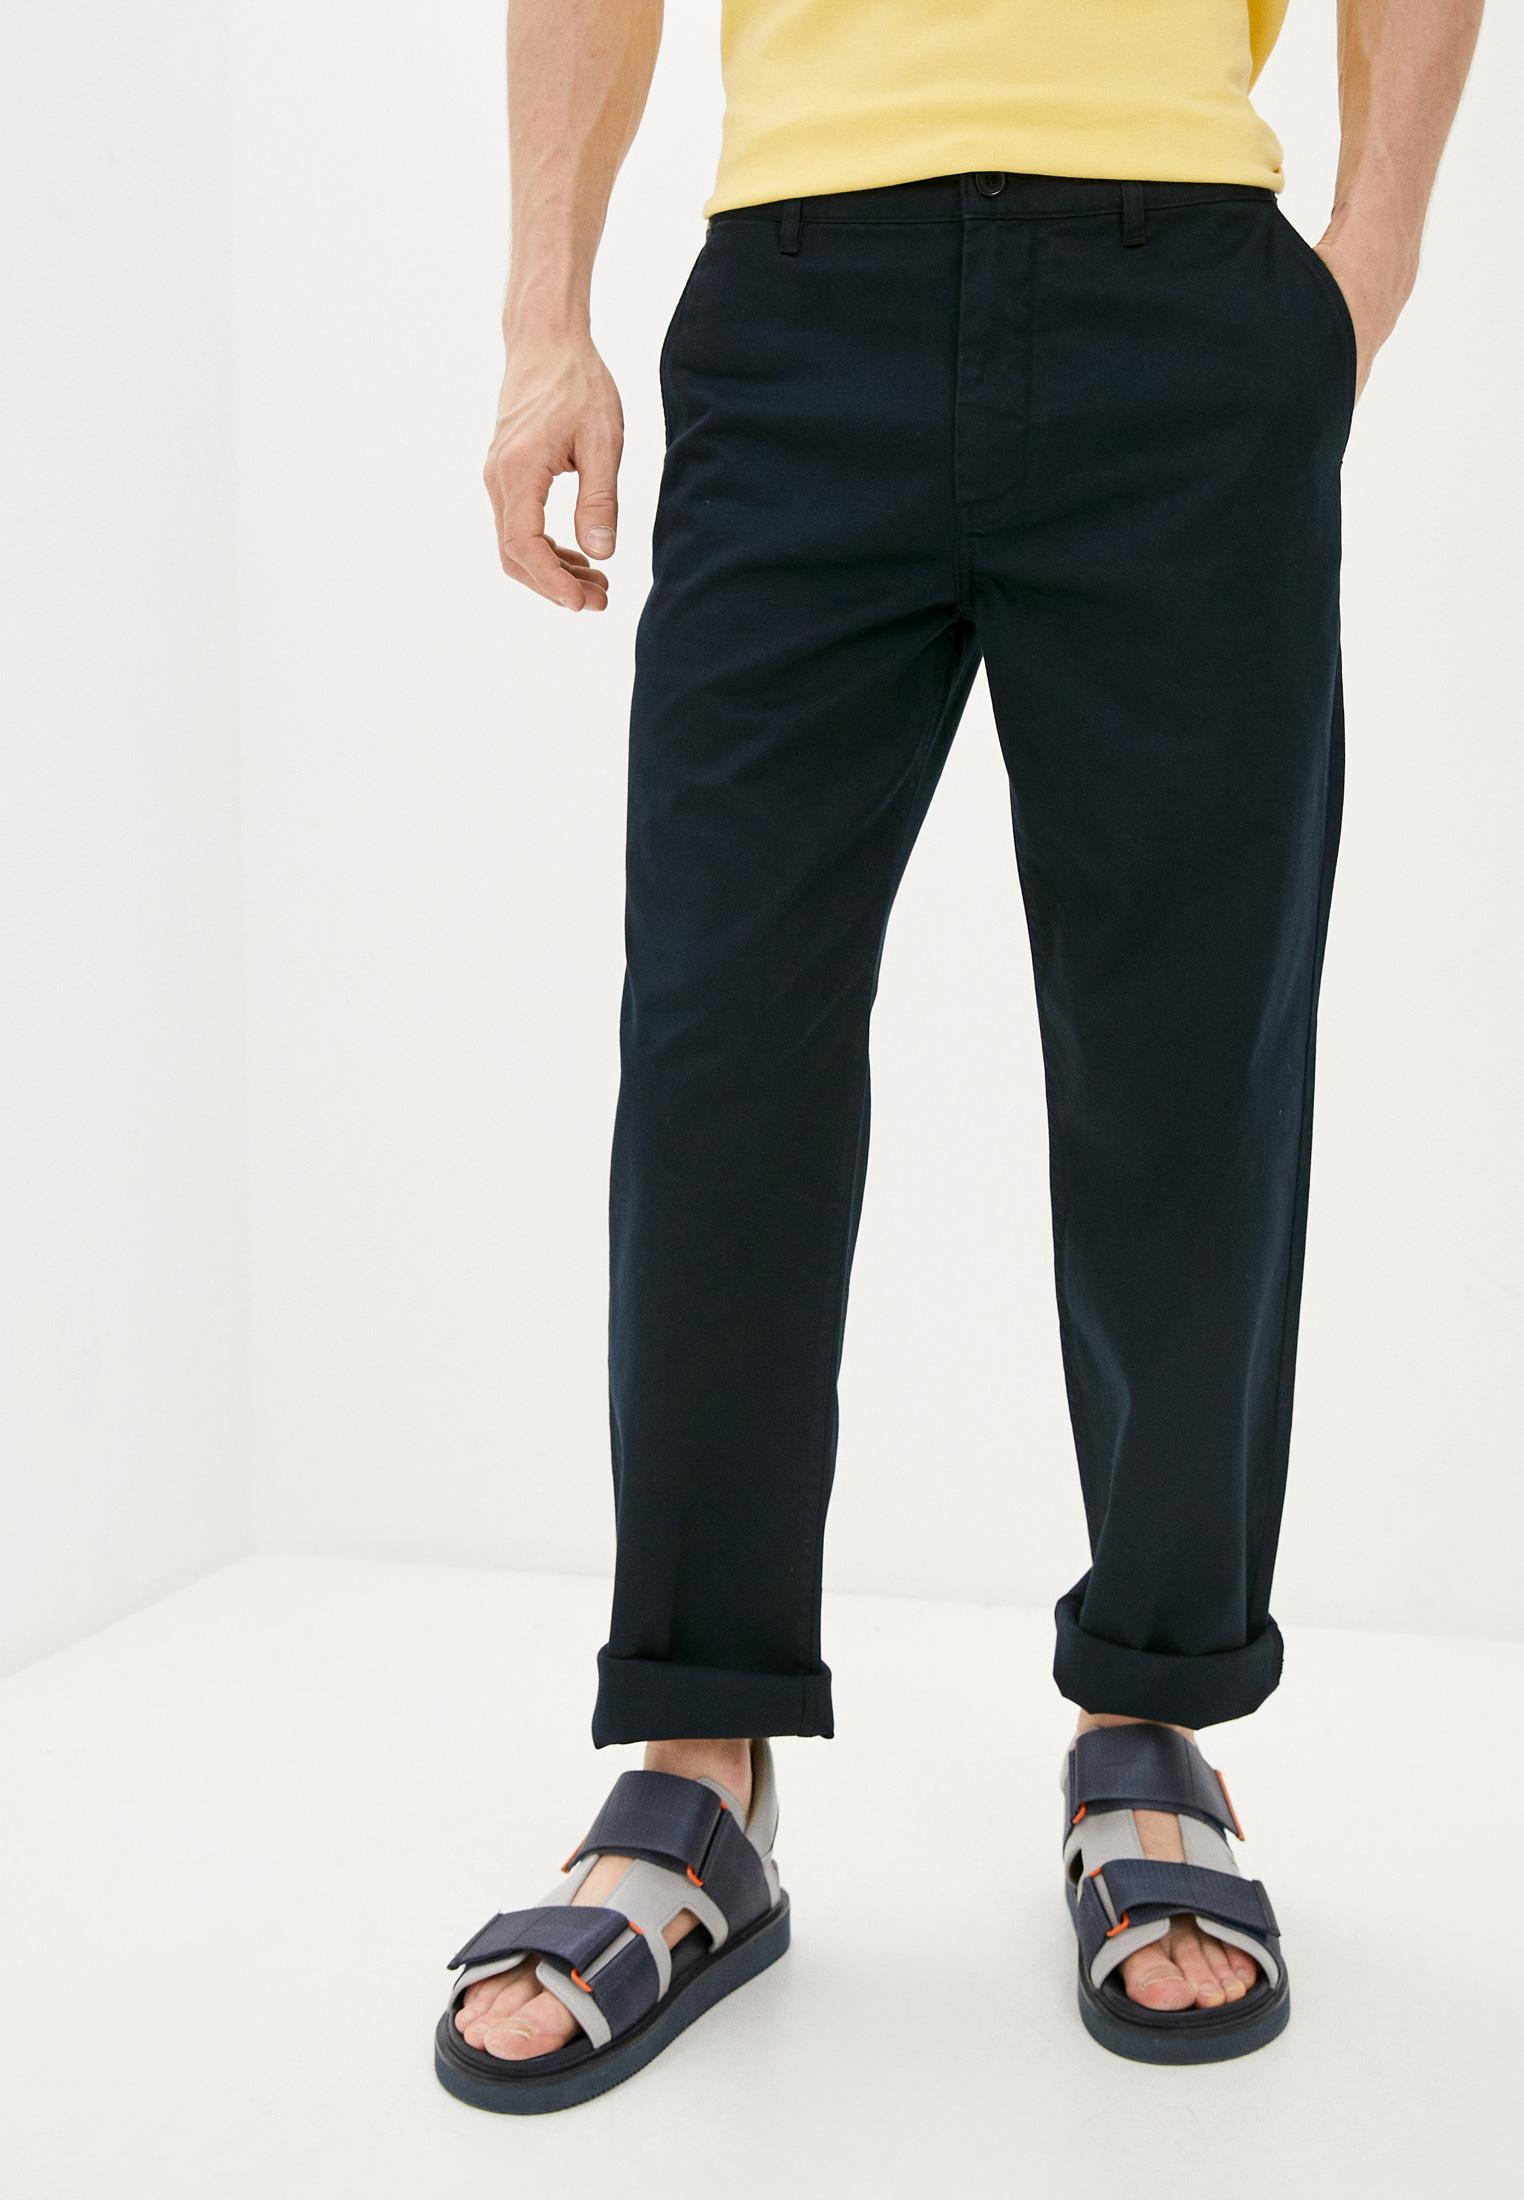 Мужские повседневные брюки Wood Wood Брюки Wood Wood